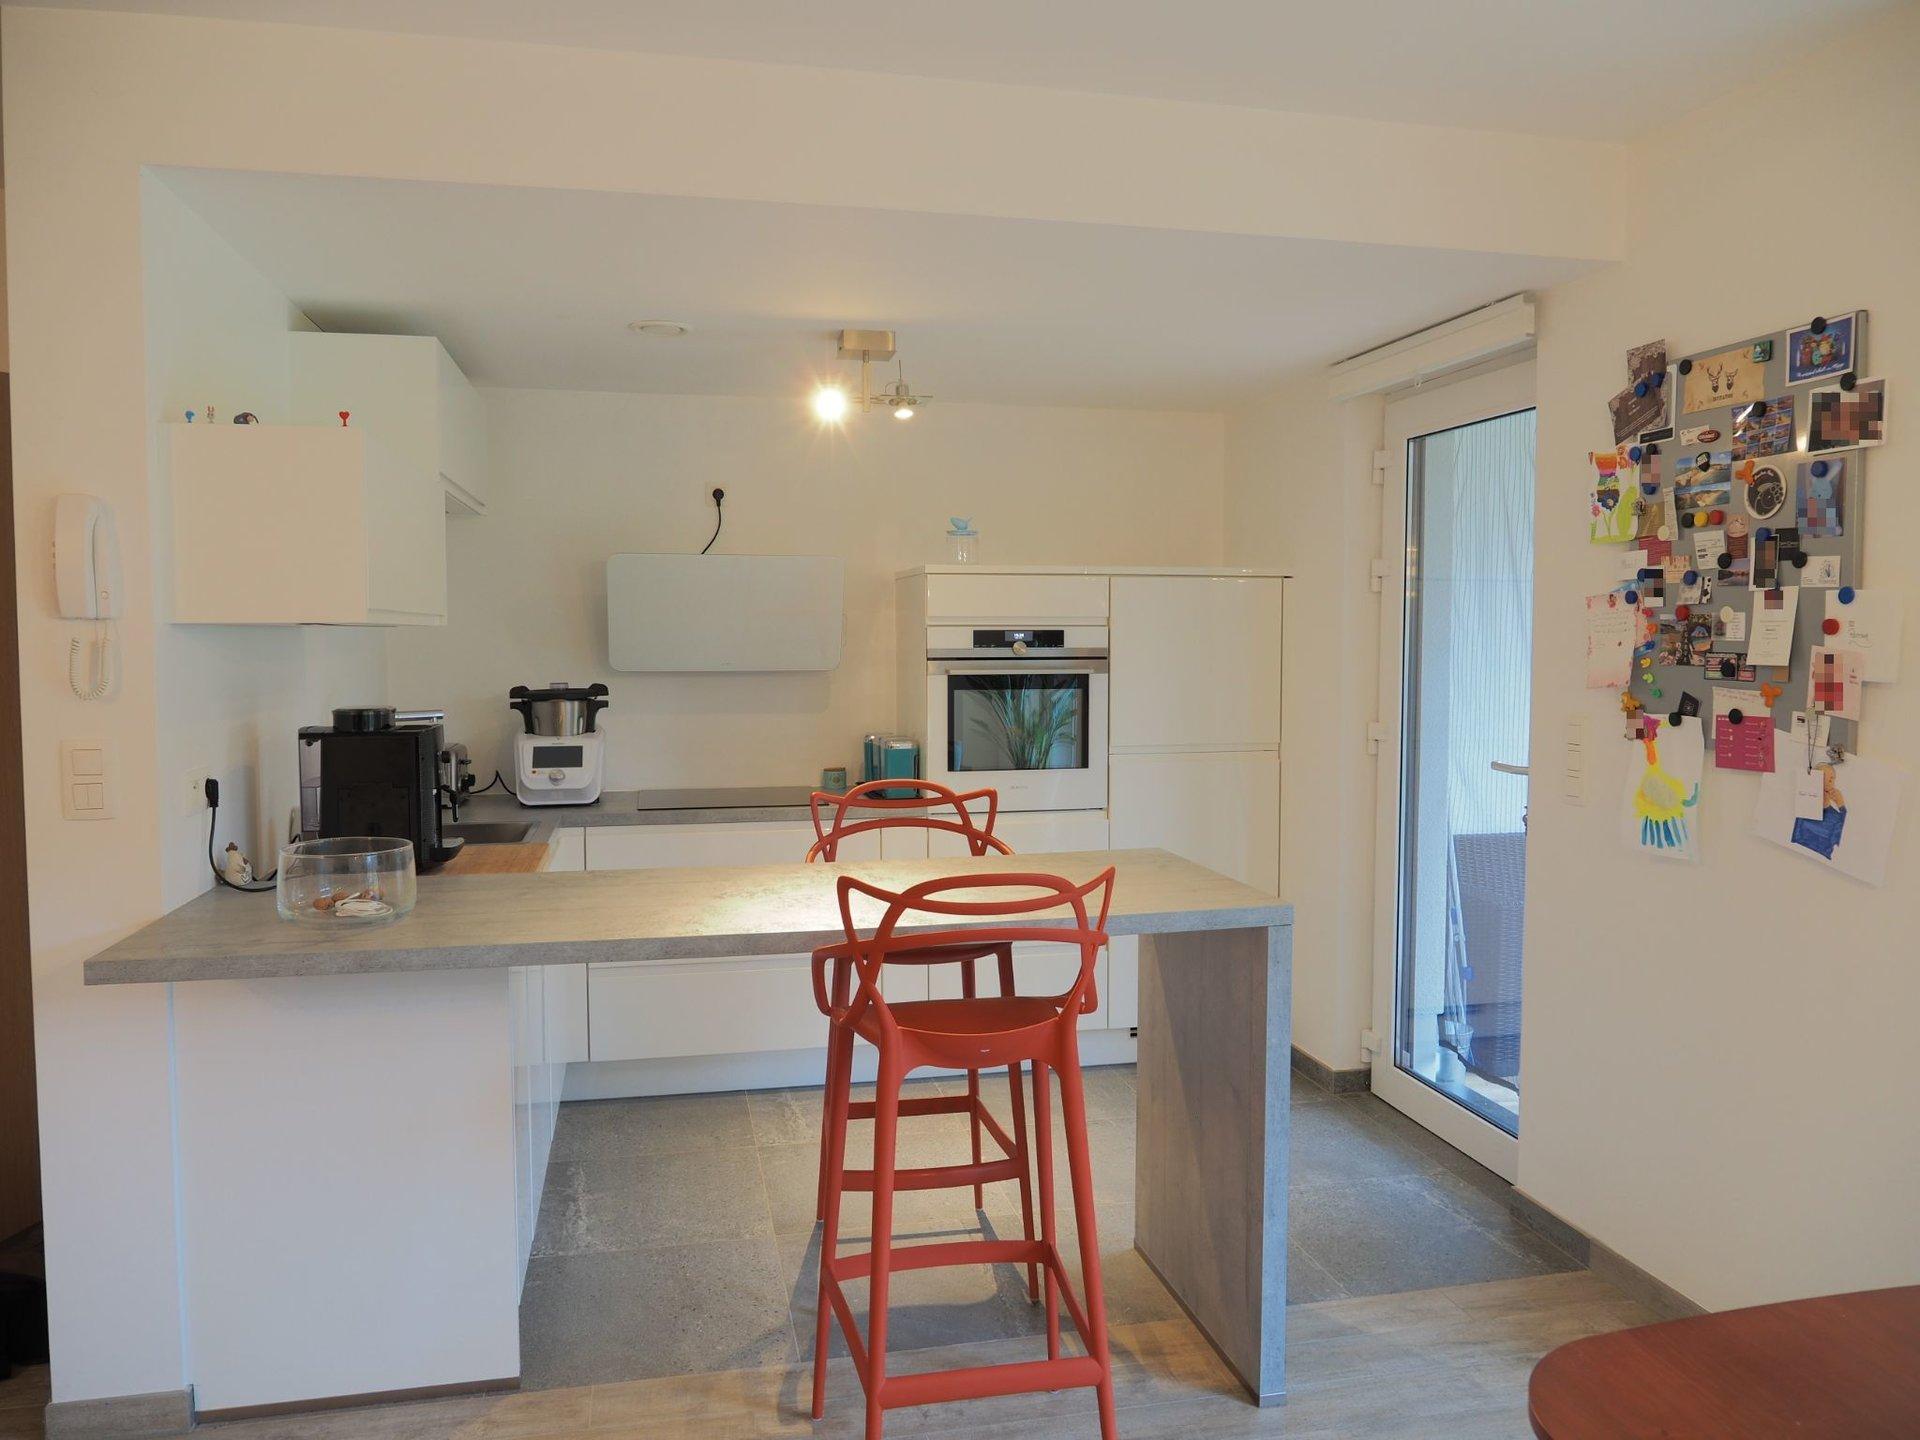 +++VENDU+++Appartement 2 chambres au rez avec garage, terrasse et jardin